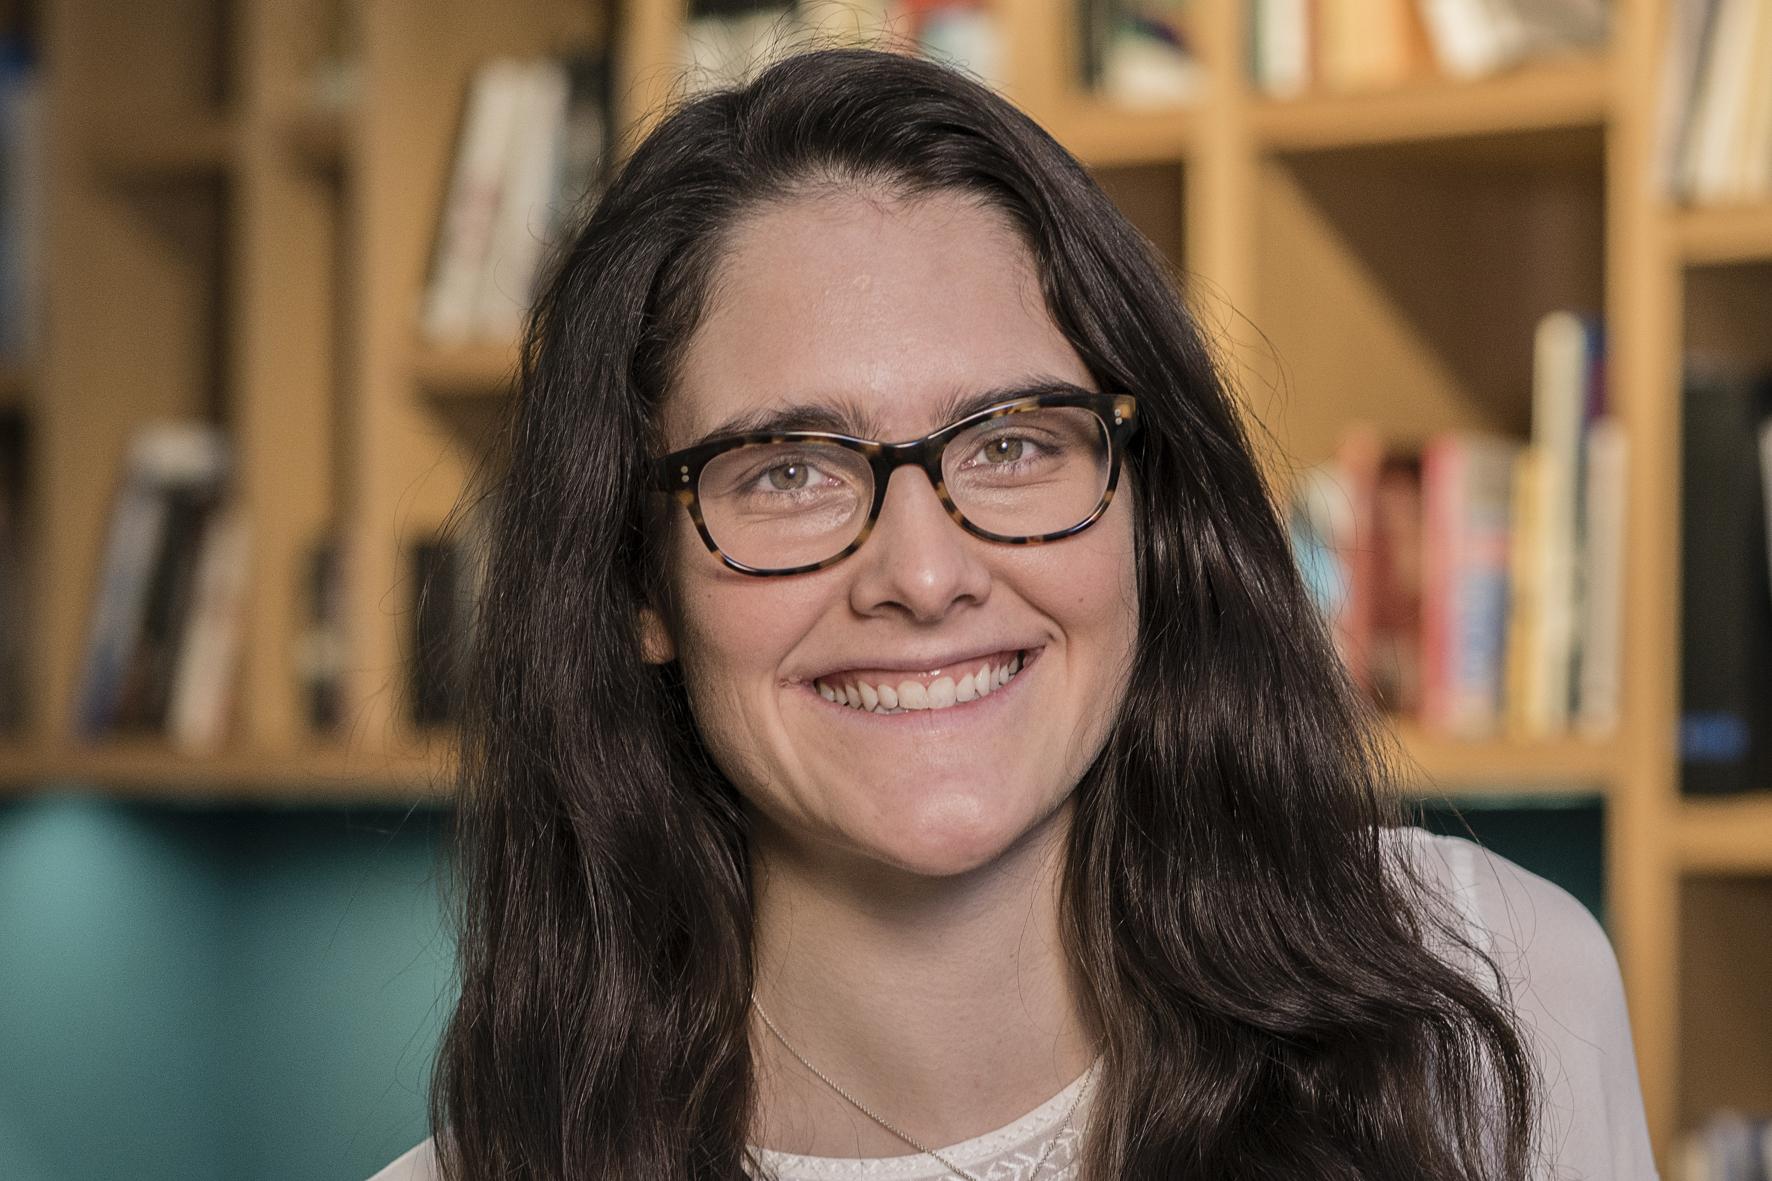 Erica Edfeldt